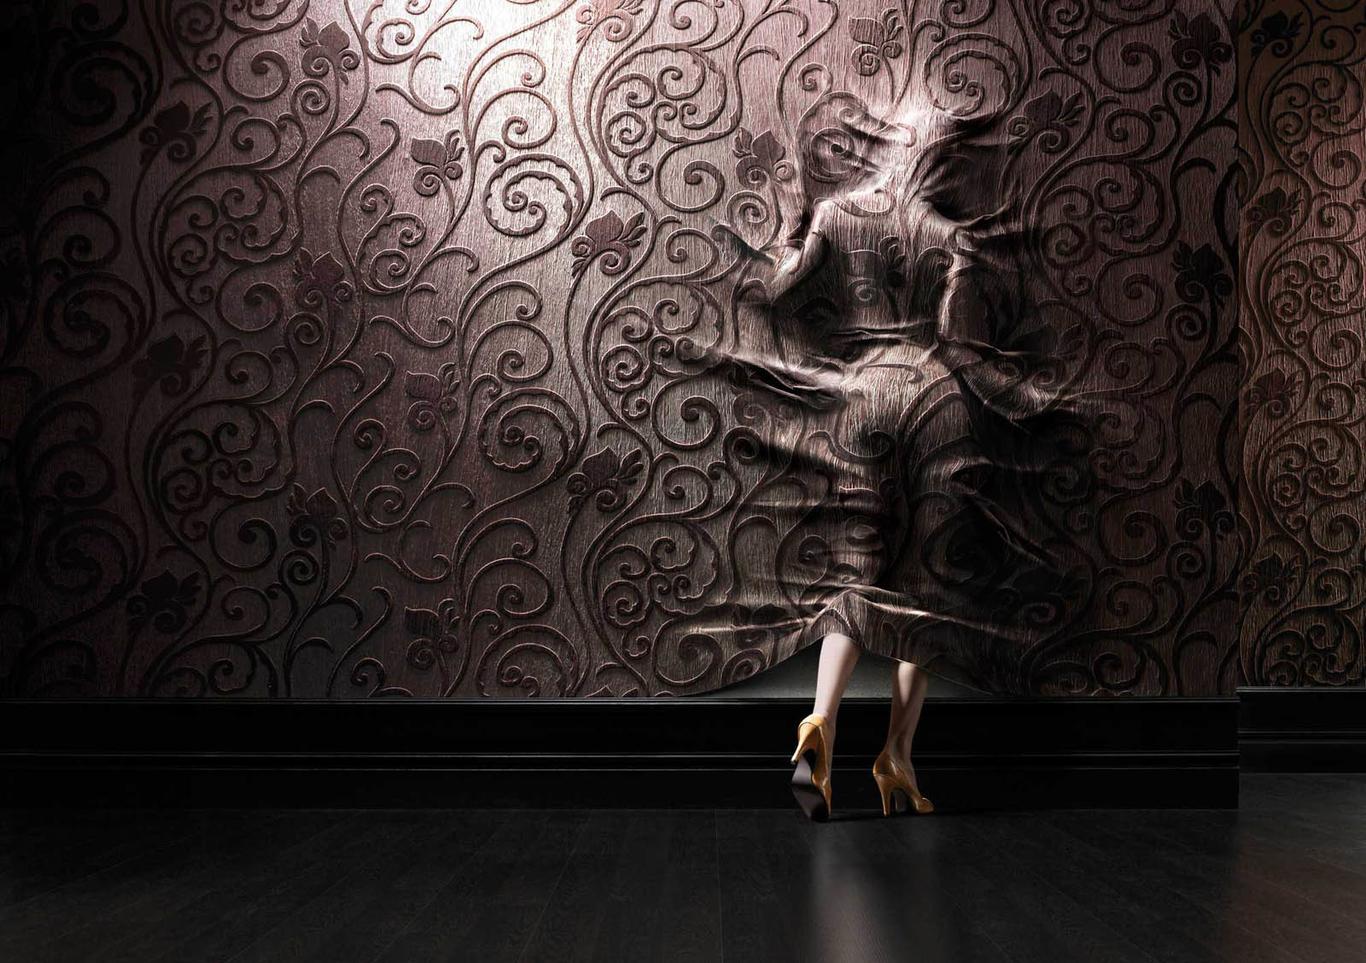 Tredistudio the wallpaper 1 9a56ee9b 4bnv